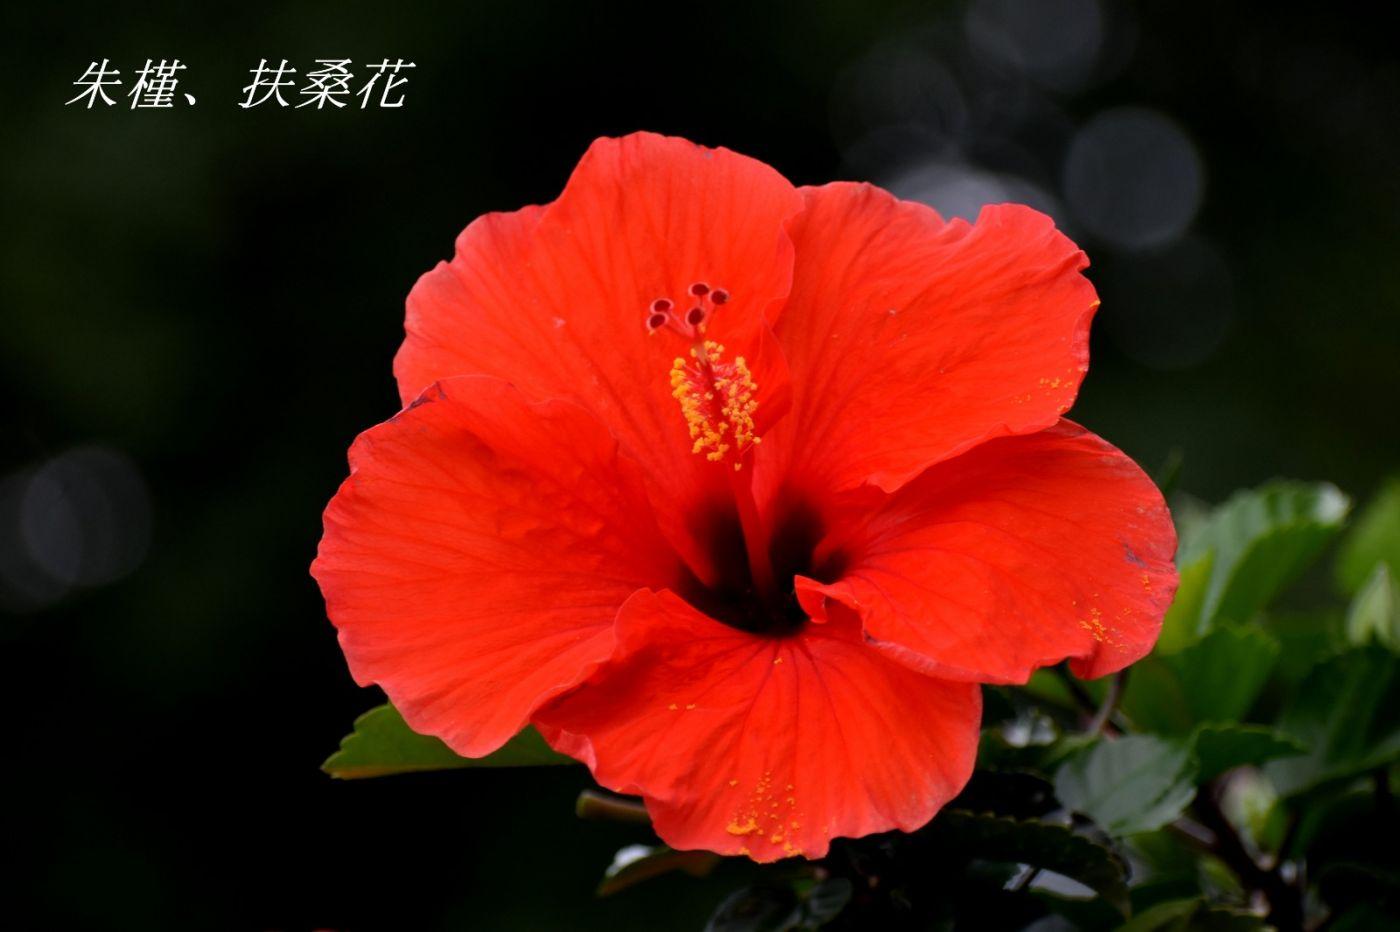 花草图谱 (3)_图1-1